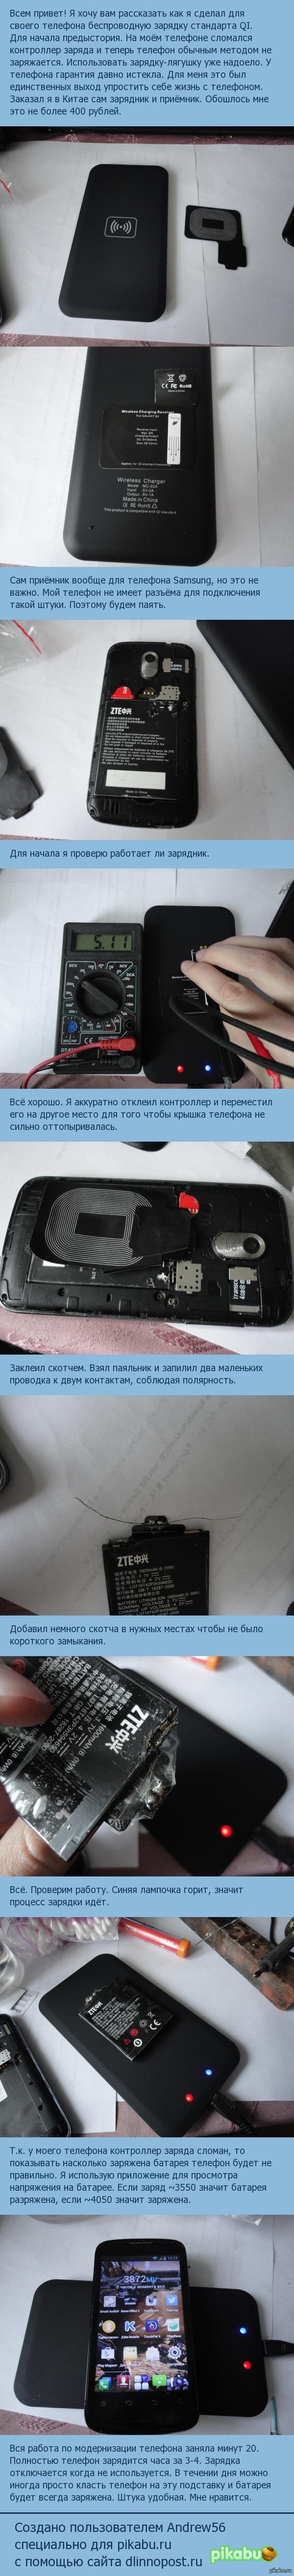 Как сделать беспроводную зарядку для обычного телефона. Контакты на батарею кидаю потому что контроллер заряда в телефоне всё равно сломан.